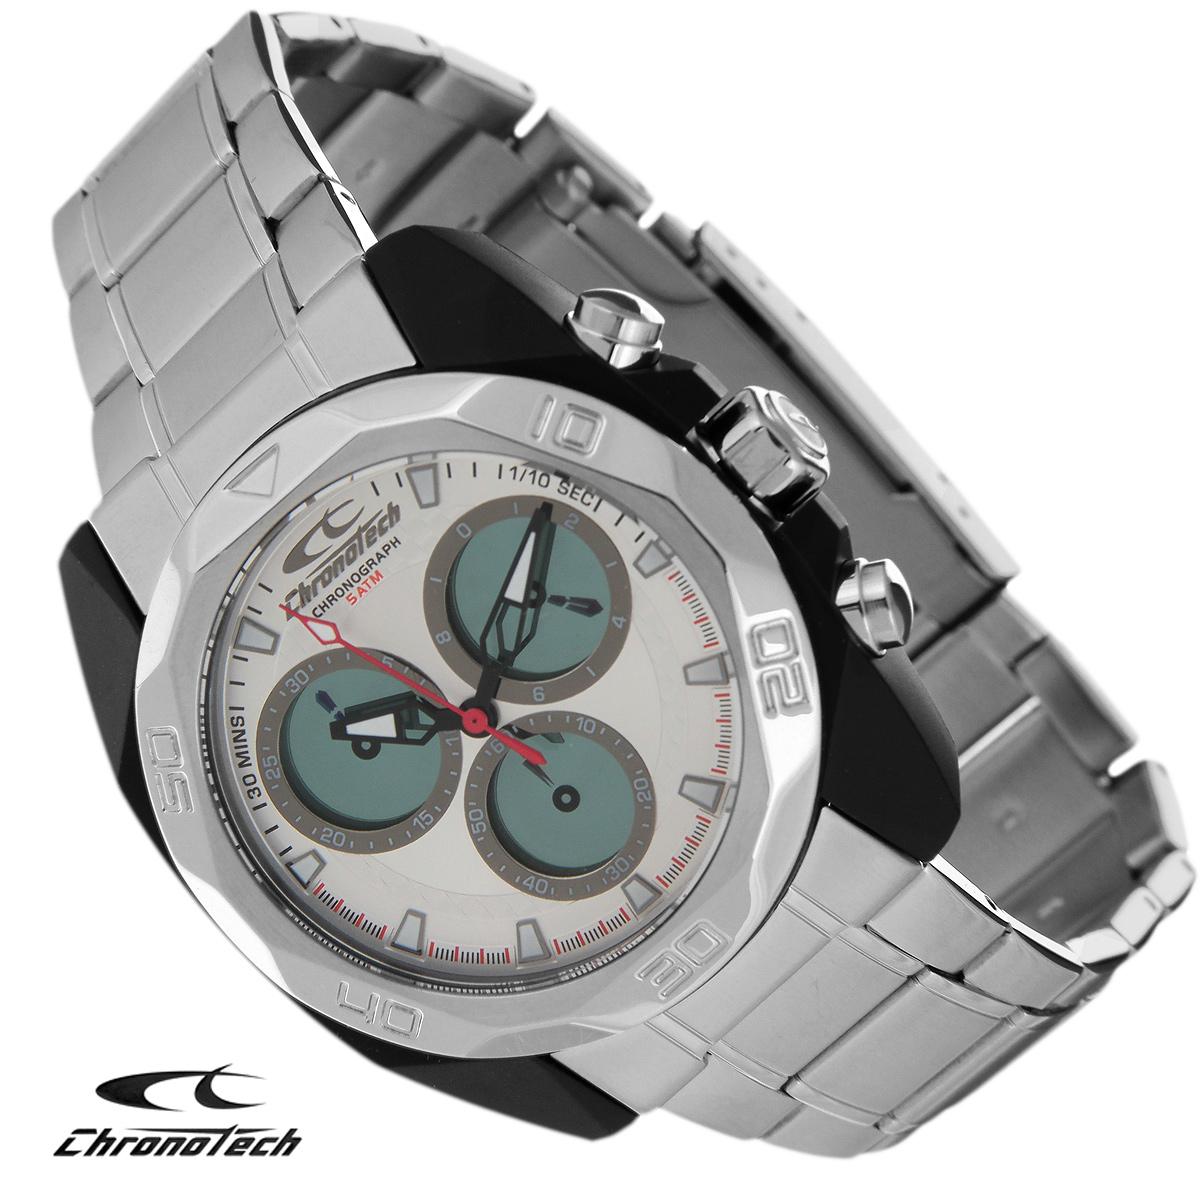 Часы мужские наручные Chronotech, цвет: серебристый. RW0064BM8434-58AEЧасы Chronotech - это часы для современных и стильных людей, которые стремятся выделиться из толпы и подчеркнуть свою индивидуальность. Корпус часов выполнен из нержавеющей стали с покрытием поликарбонатом. Циферблат оформлен отметками и защищен минеральным стеклом. Часы имеют три стрелки - часовую, минутную и секундную. Стрелки и отметки светятся в темноте. Часы оснащены функцией хронографа и имеют секундомер. Браслет часов выполнен из нержавеющей стали и застегивается на раскладывающуюся застежку. Часы упакованы в фирменную коробку с логотипом компании Chronotech. Такой аксессуар добавит вашему образу стиля и подчеркнет безупречный вкус своего владельца.Характеристики: Диаметр циферблата: 3,3 см.Размер корпуса: 4,3 см х 4,8 см х 1,2 см.Длина браслета (с корпусом): 29 см.Ширина браслета: 2 см.